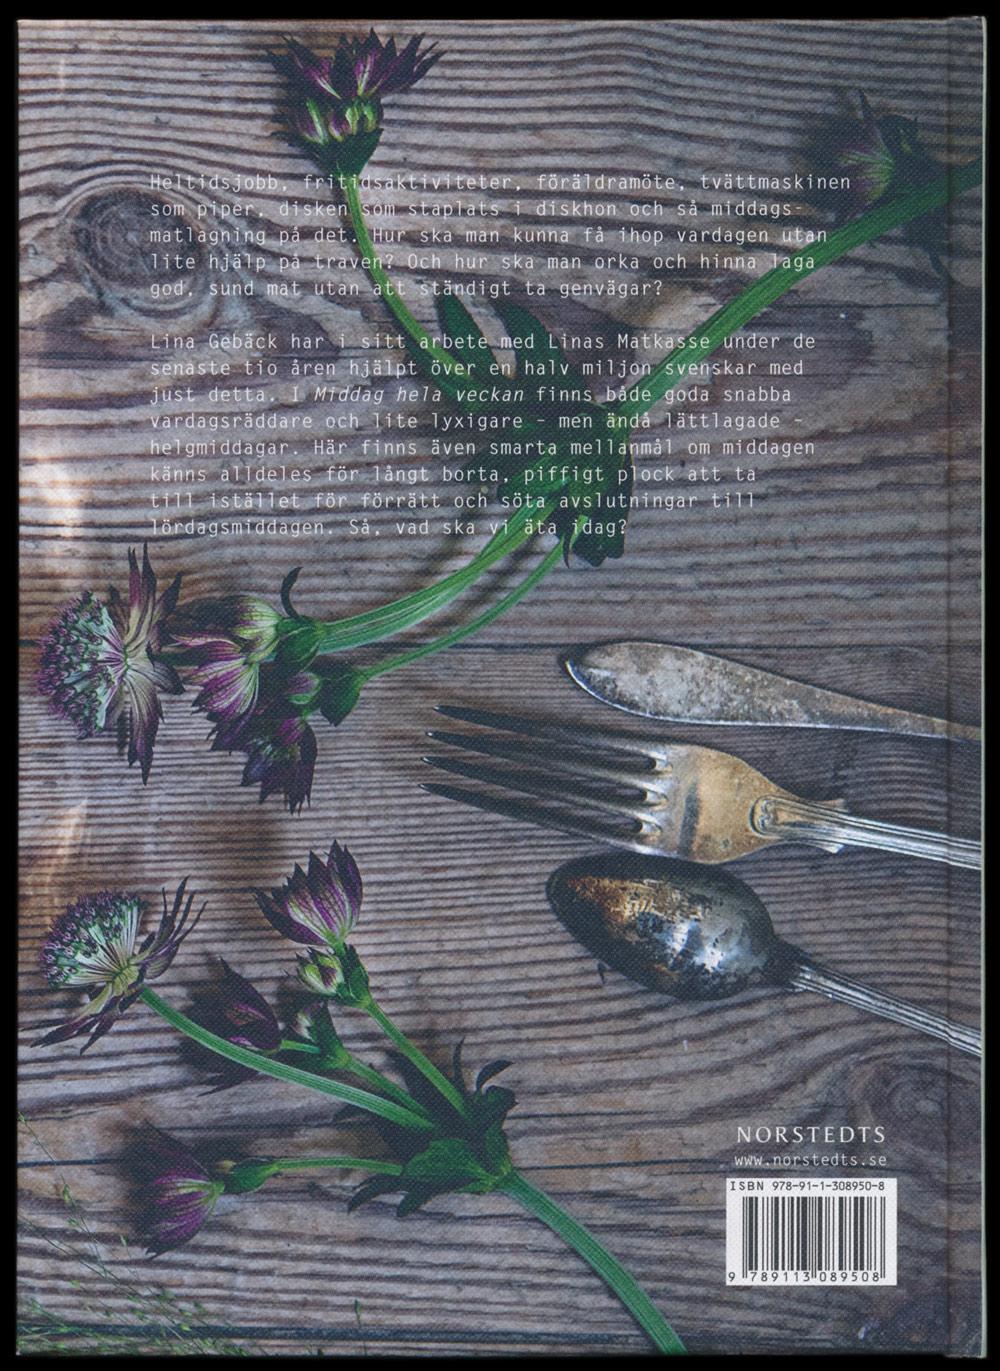 Middag hela veckan – Linas mat, Lina Gebäck, redigering av Hedvig Ohlsson (lyth & Co), formgivning av Annika Lyth (Lyth & Co)